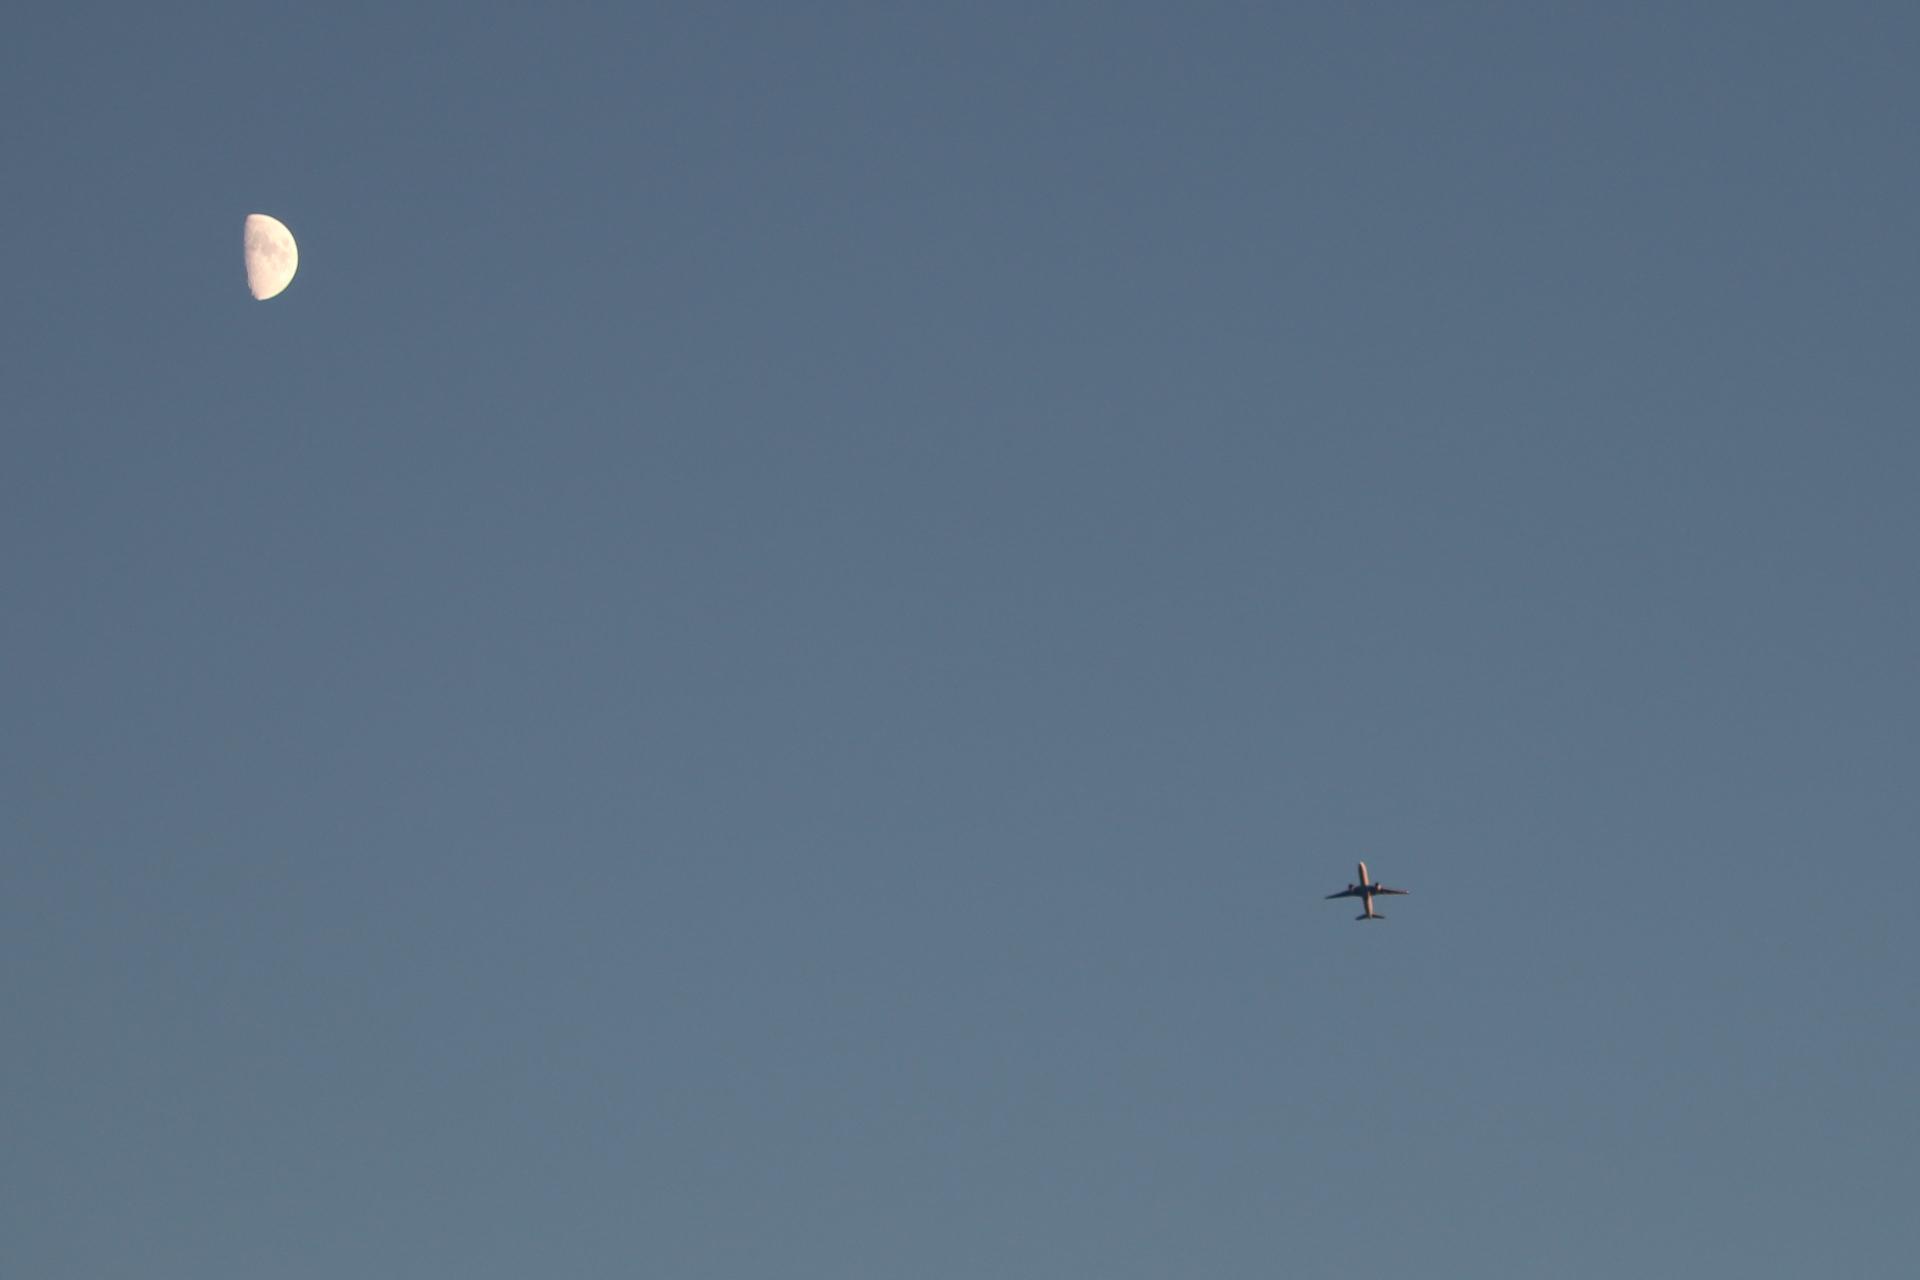 月と飛行機